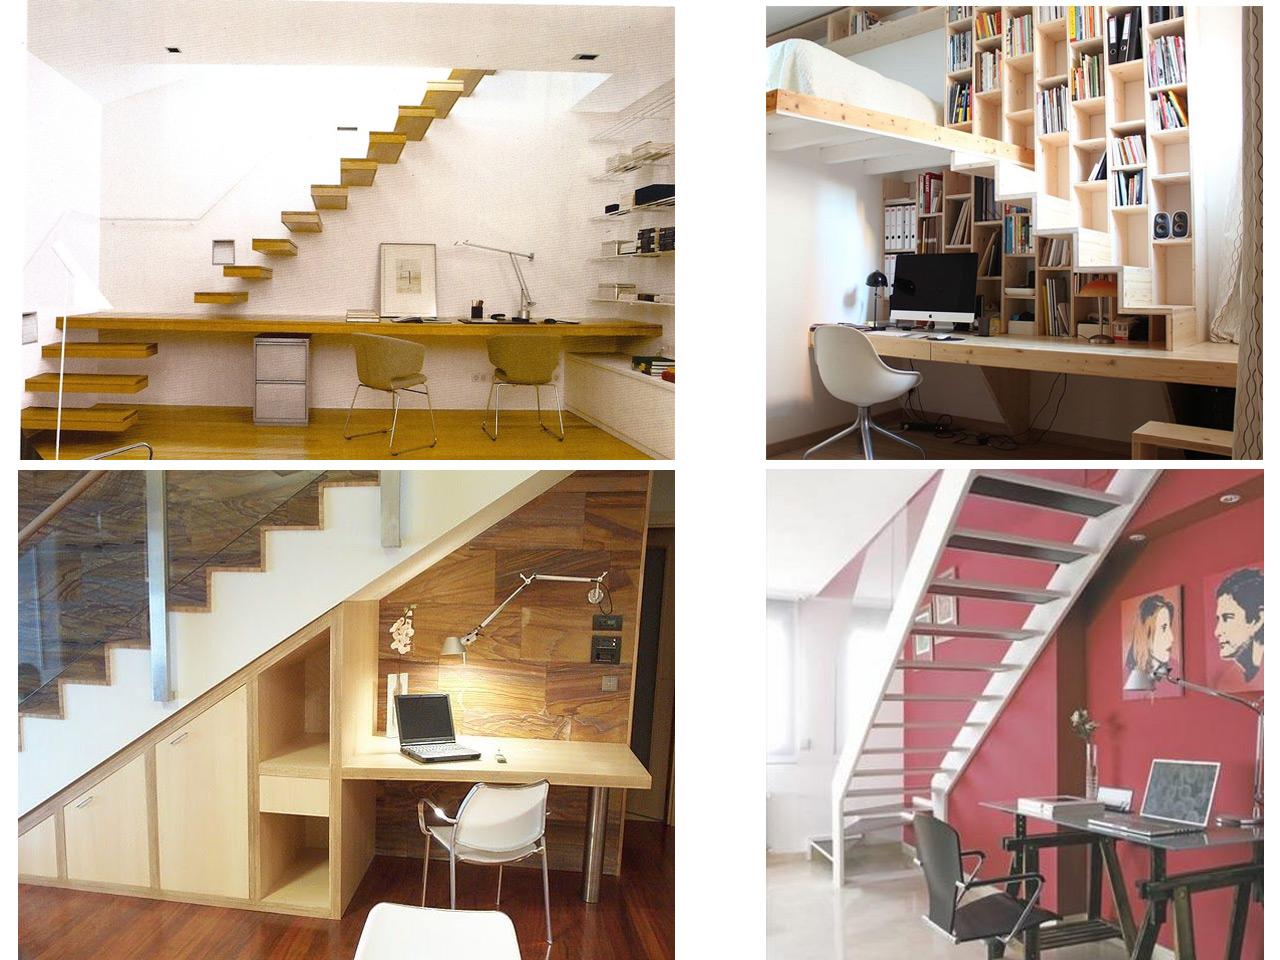 9 ideas de c mo aprovechar espacios debajo de escaleras - Aprovechar el espacio ...